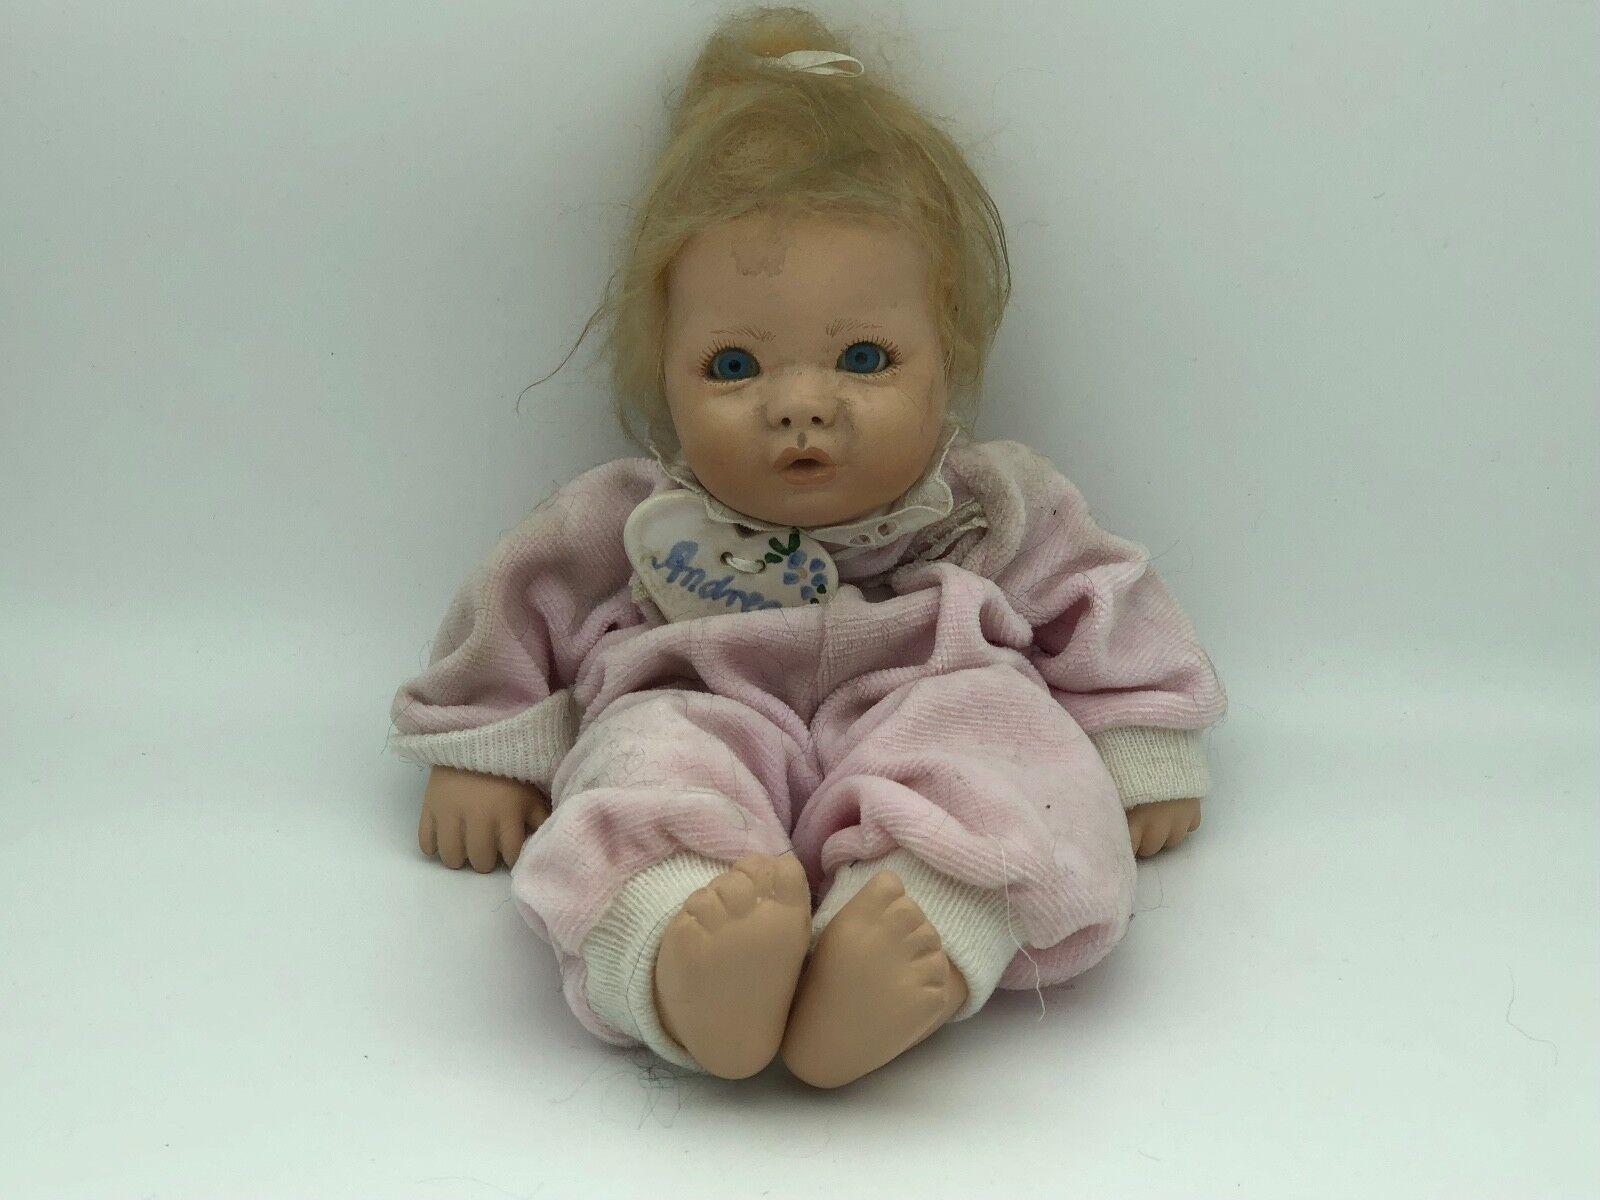 Dolls & Bears Künstlerpuppe Porzellan Puppe 73 Cm Top Zustand Dolls